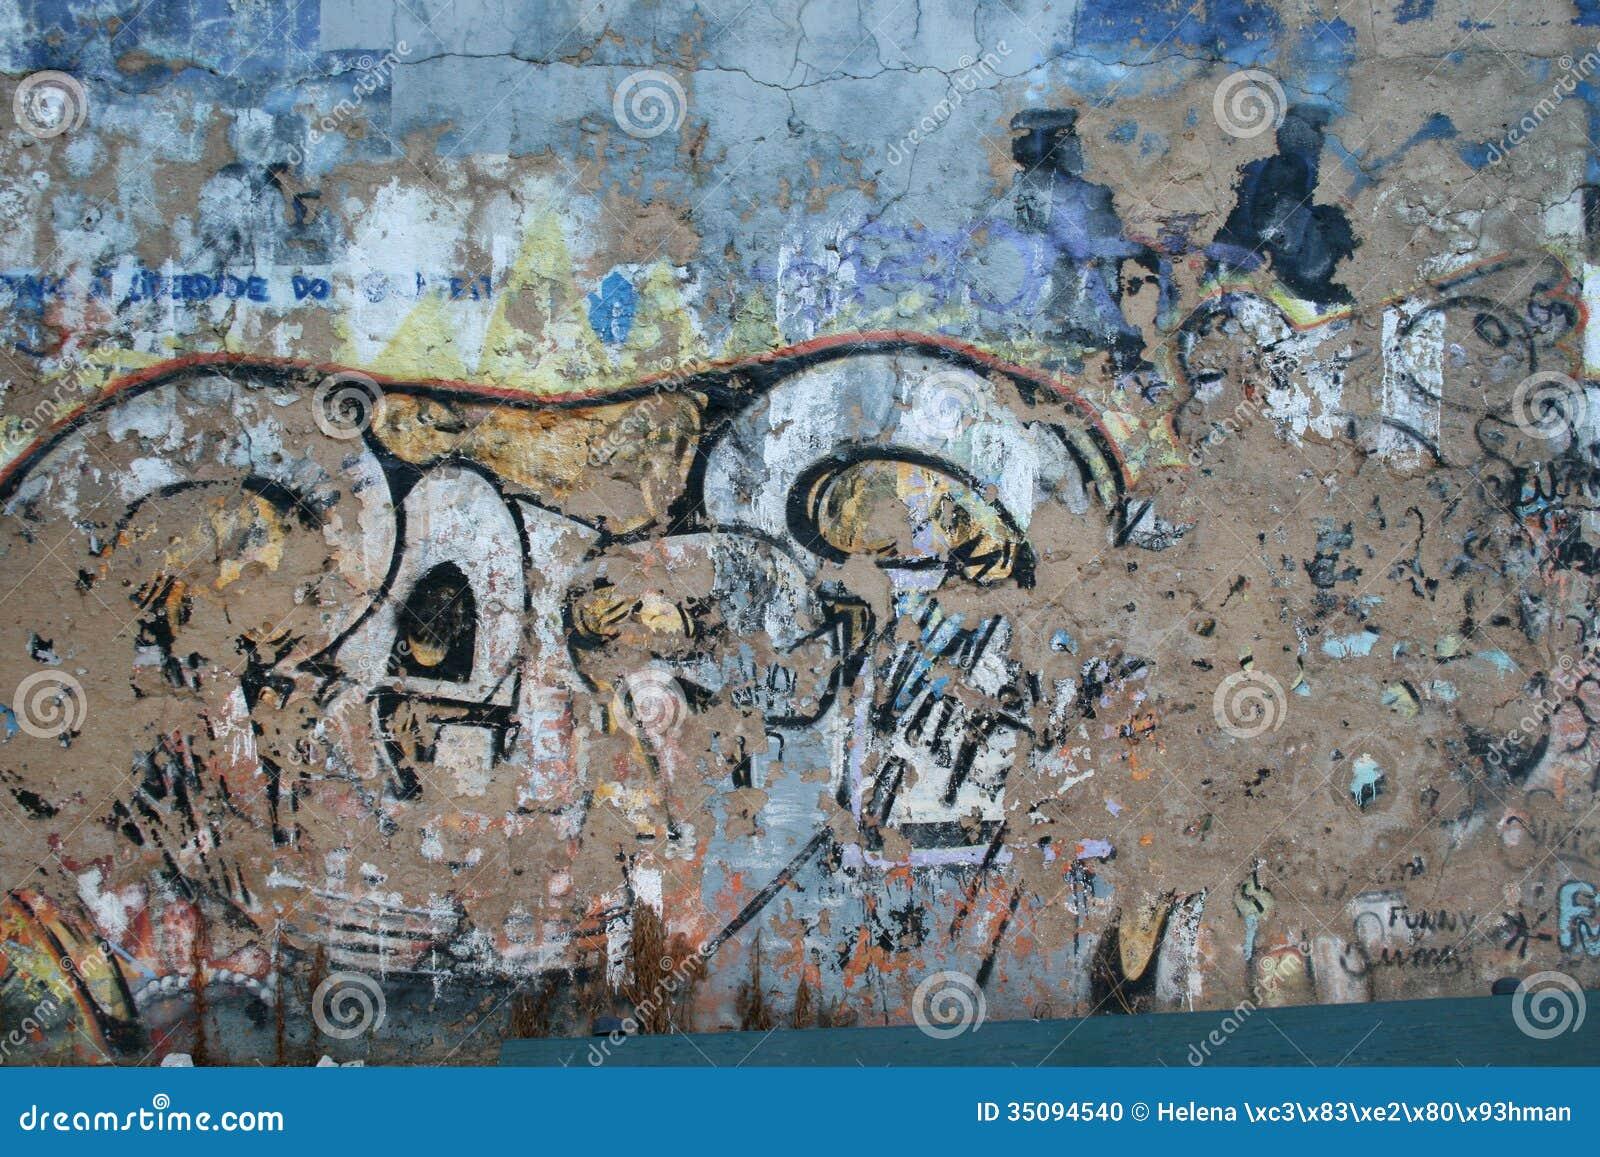 graffiti wand hintergrund stockfoto bild von stein graffiti 35094540. Black Bedroom Furniture Sets. Home Design Ideas